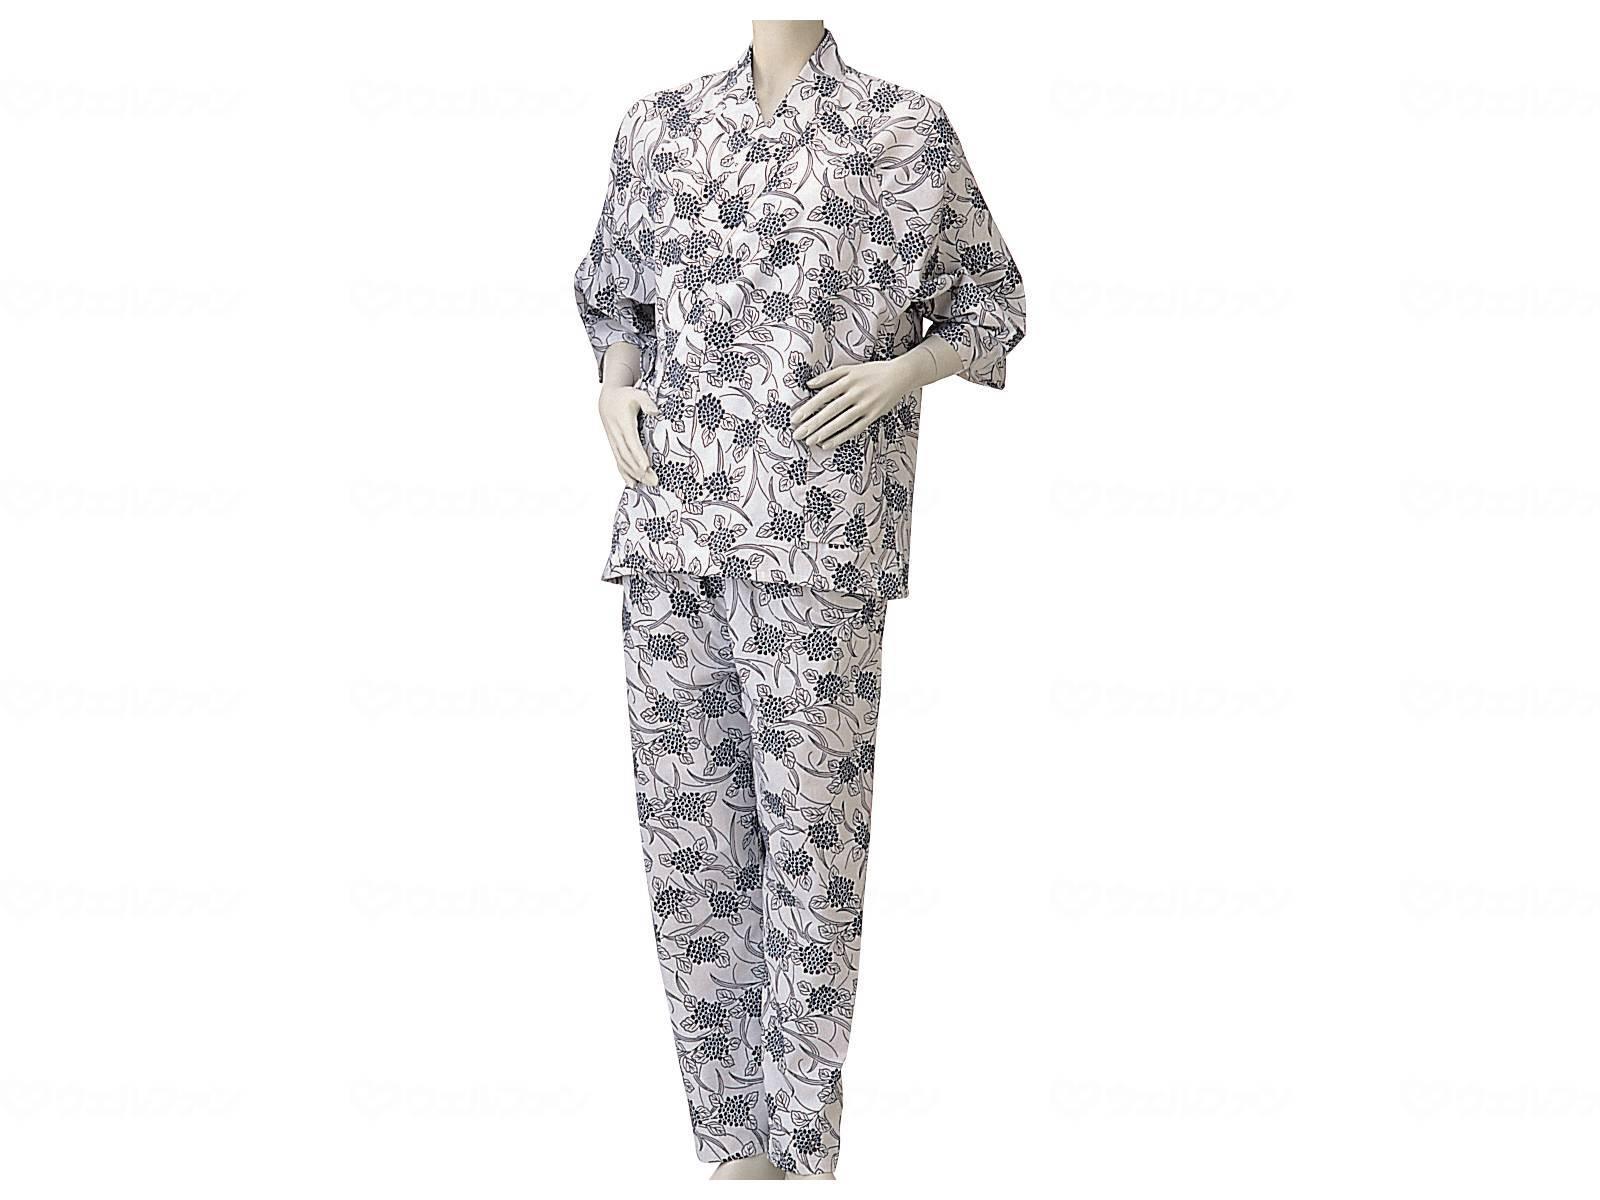 パジャマ型ねまき・婦人(通年用)の画像